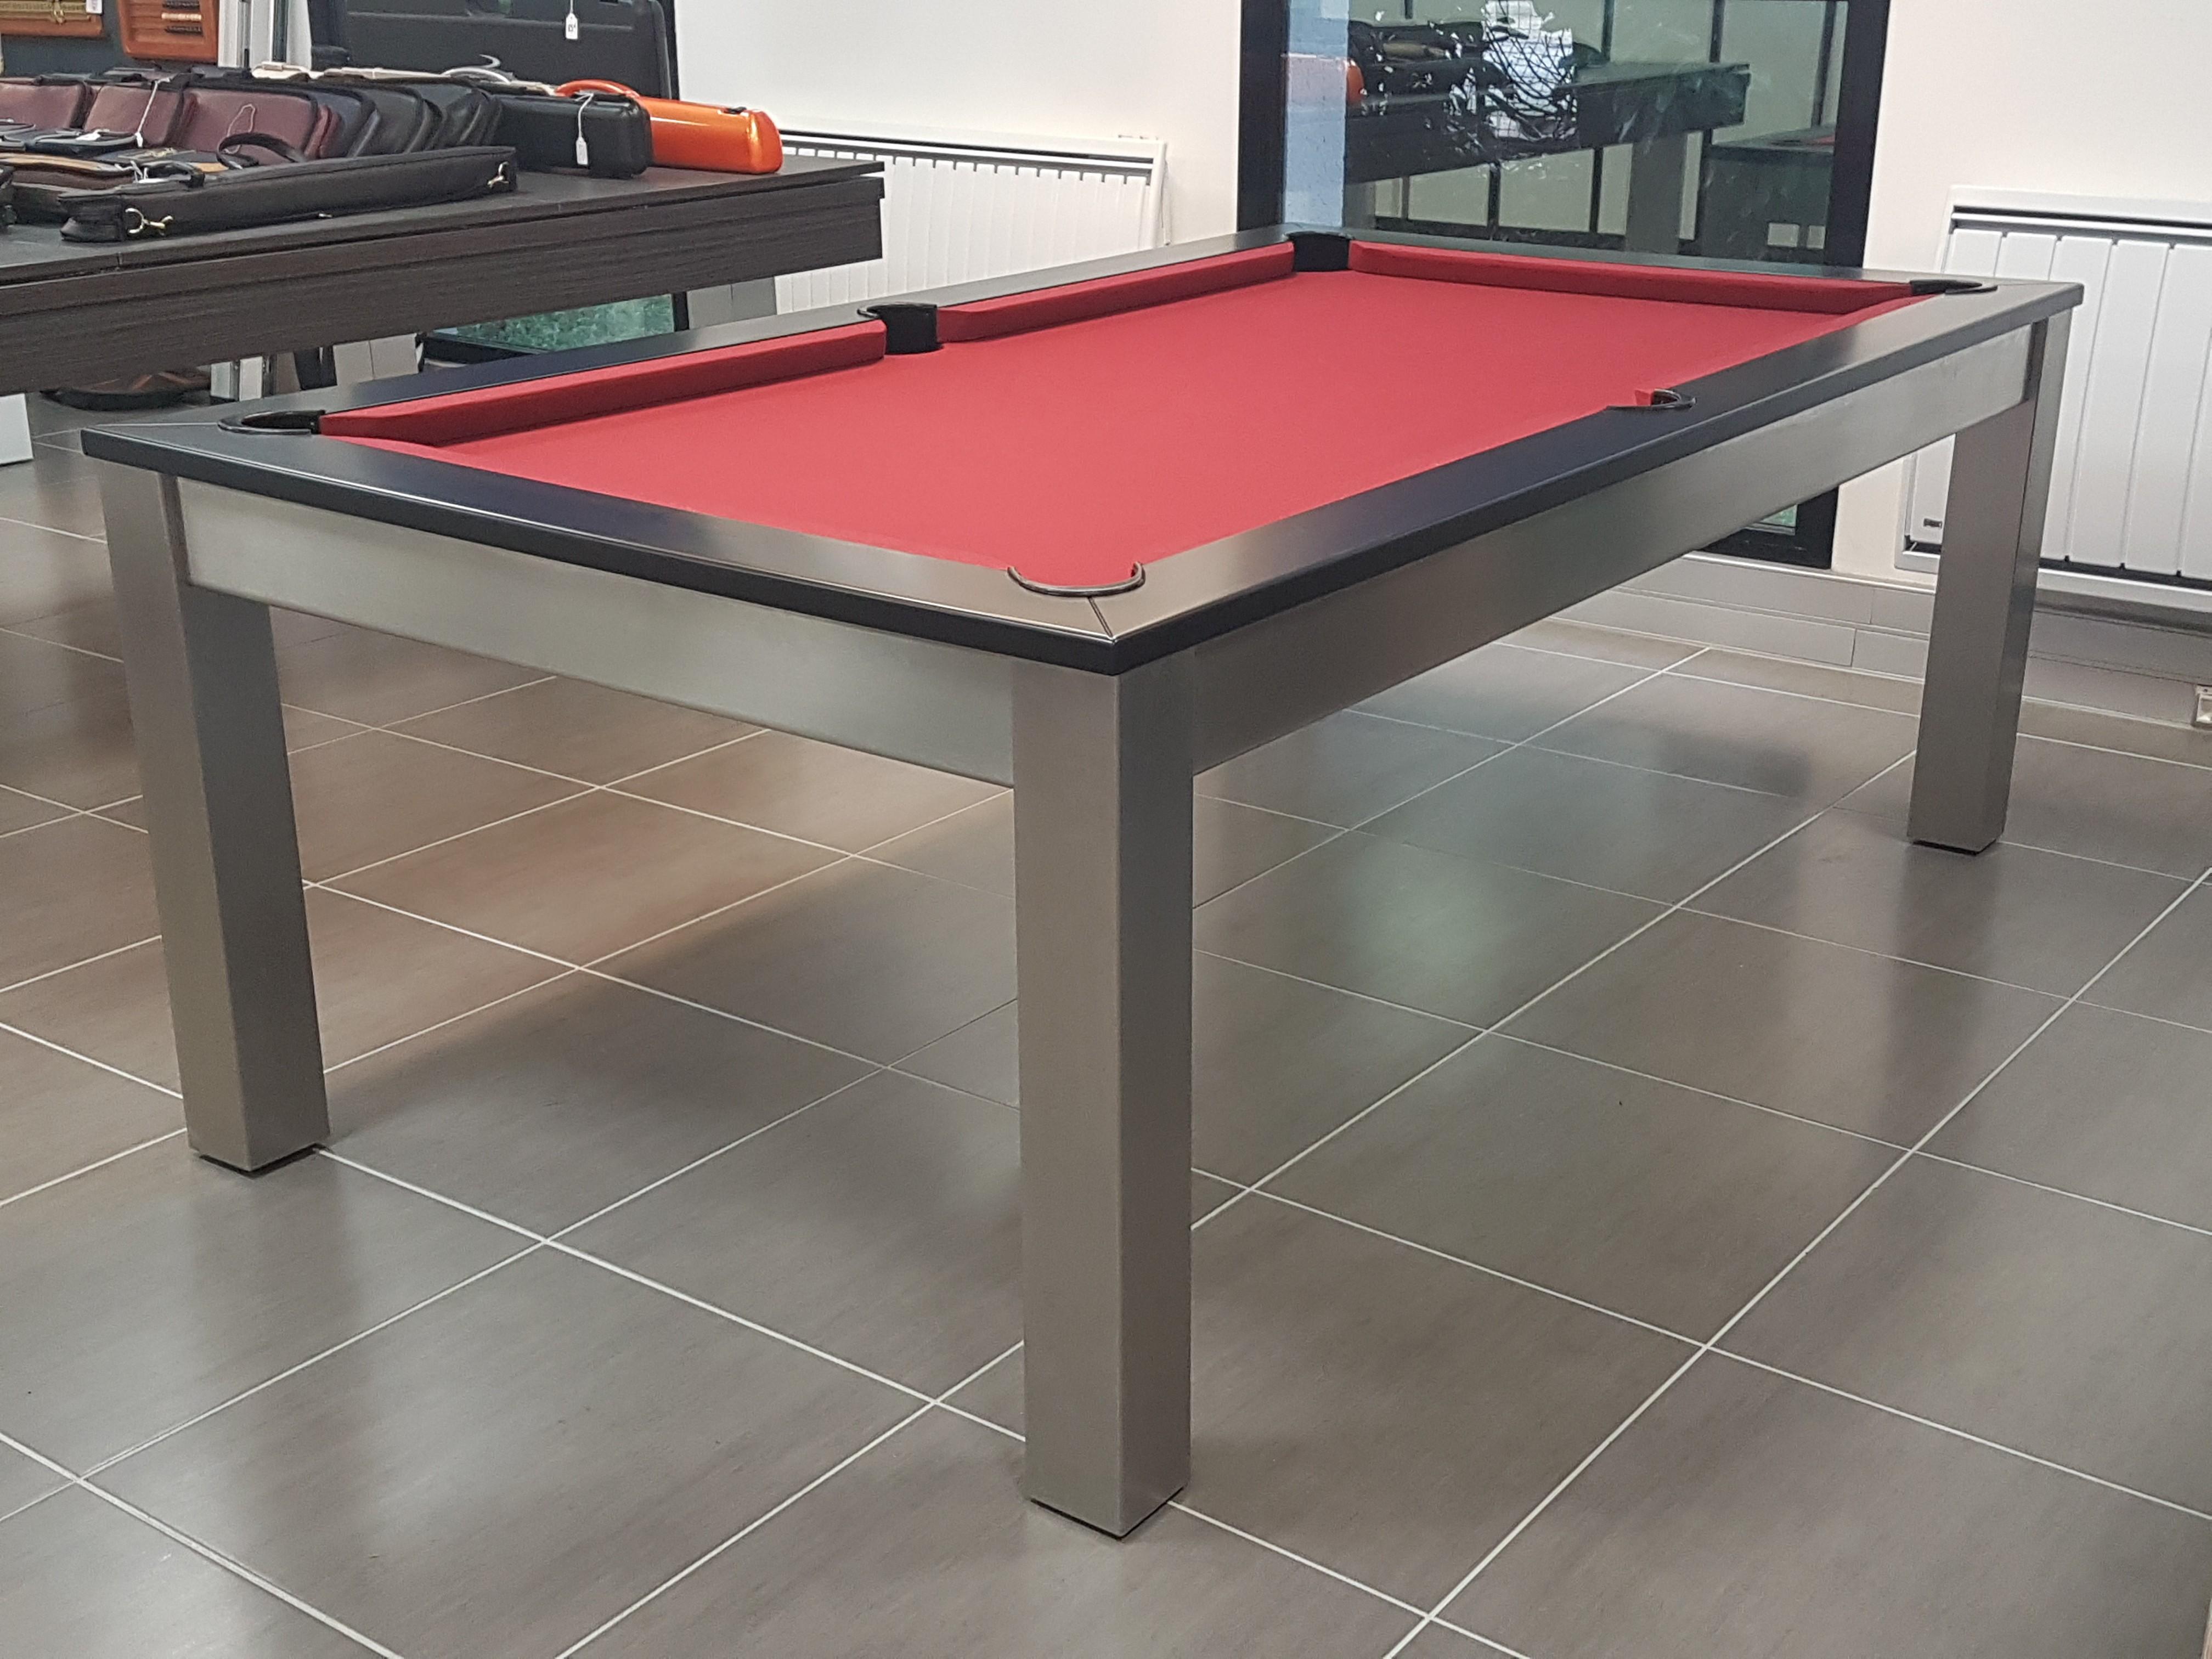 Billard table STEEL-TENDANCE avec tissu rouge